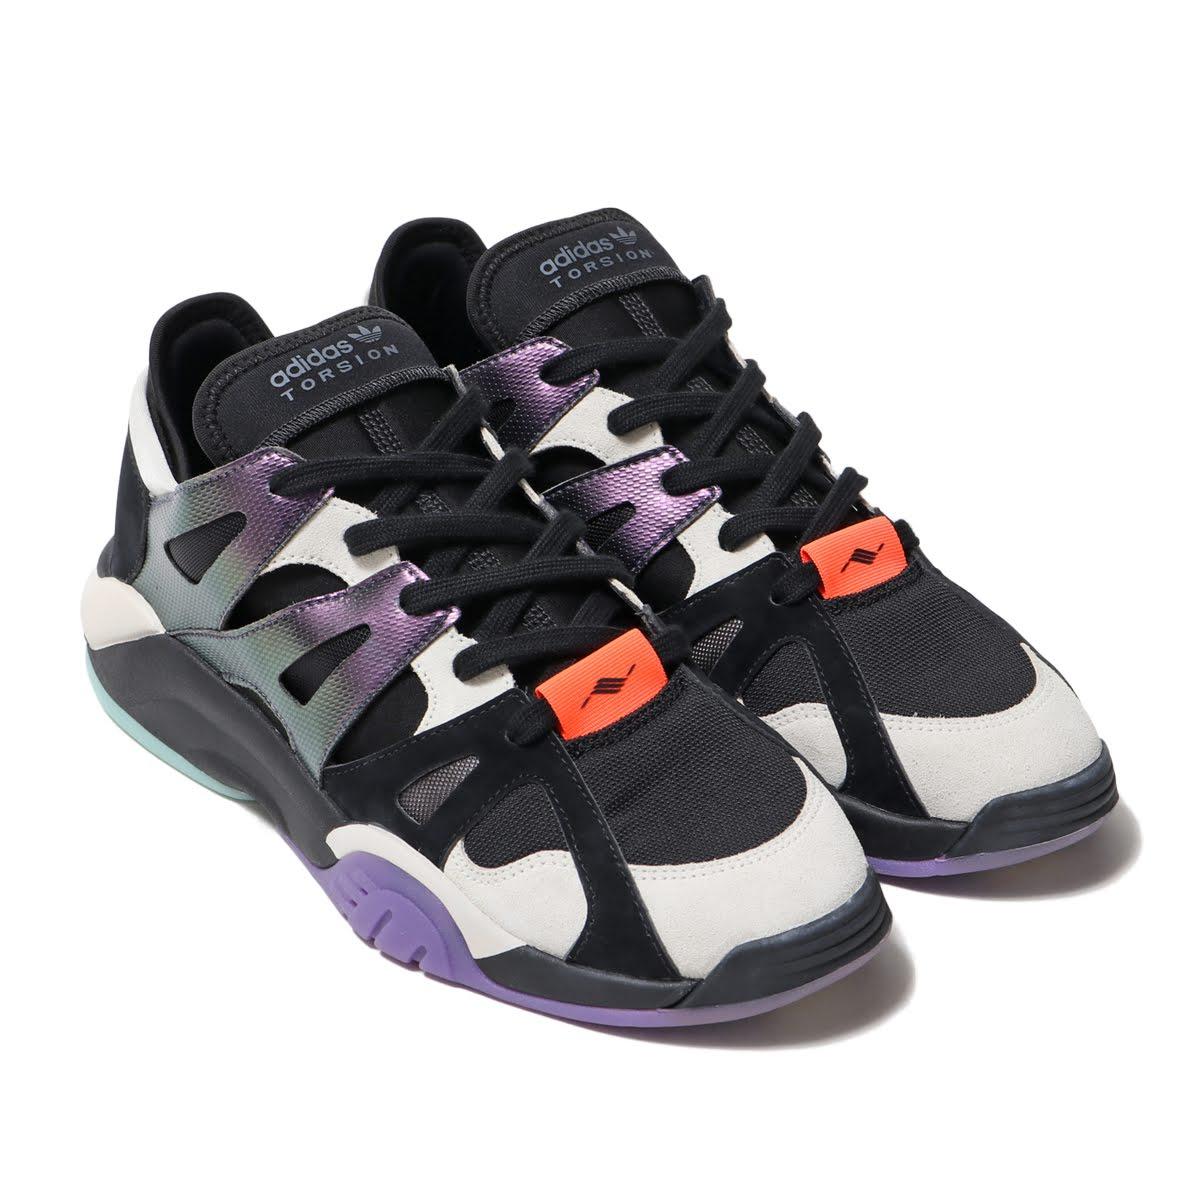 adidas Originals DIMENSION LO(アディダスオリジナルス ディメンション ロー)CORE BLACK/RAW WHITE/ACTIVE PURPLE【メンズ レディース スニーカー】19SS-I